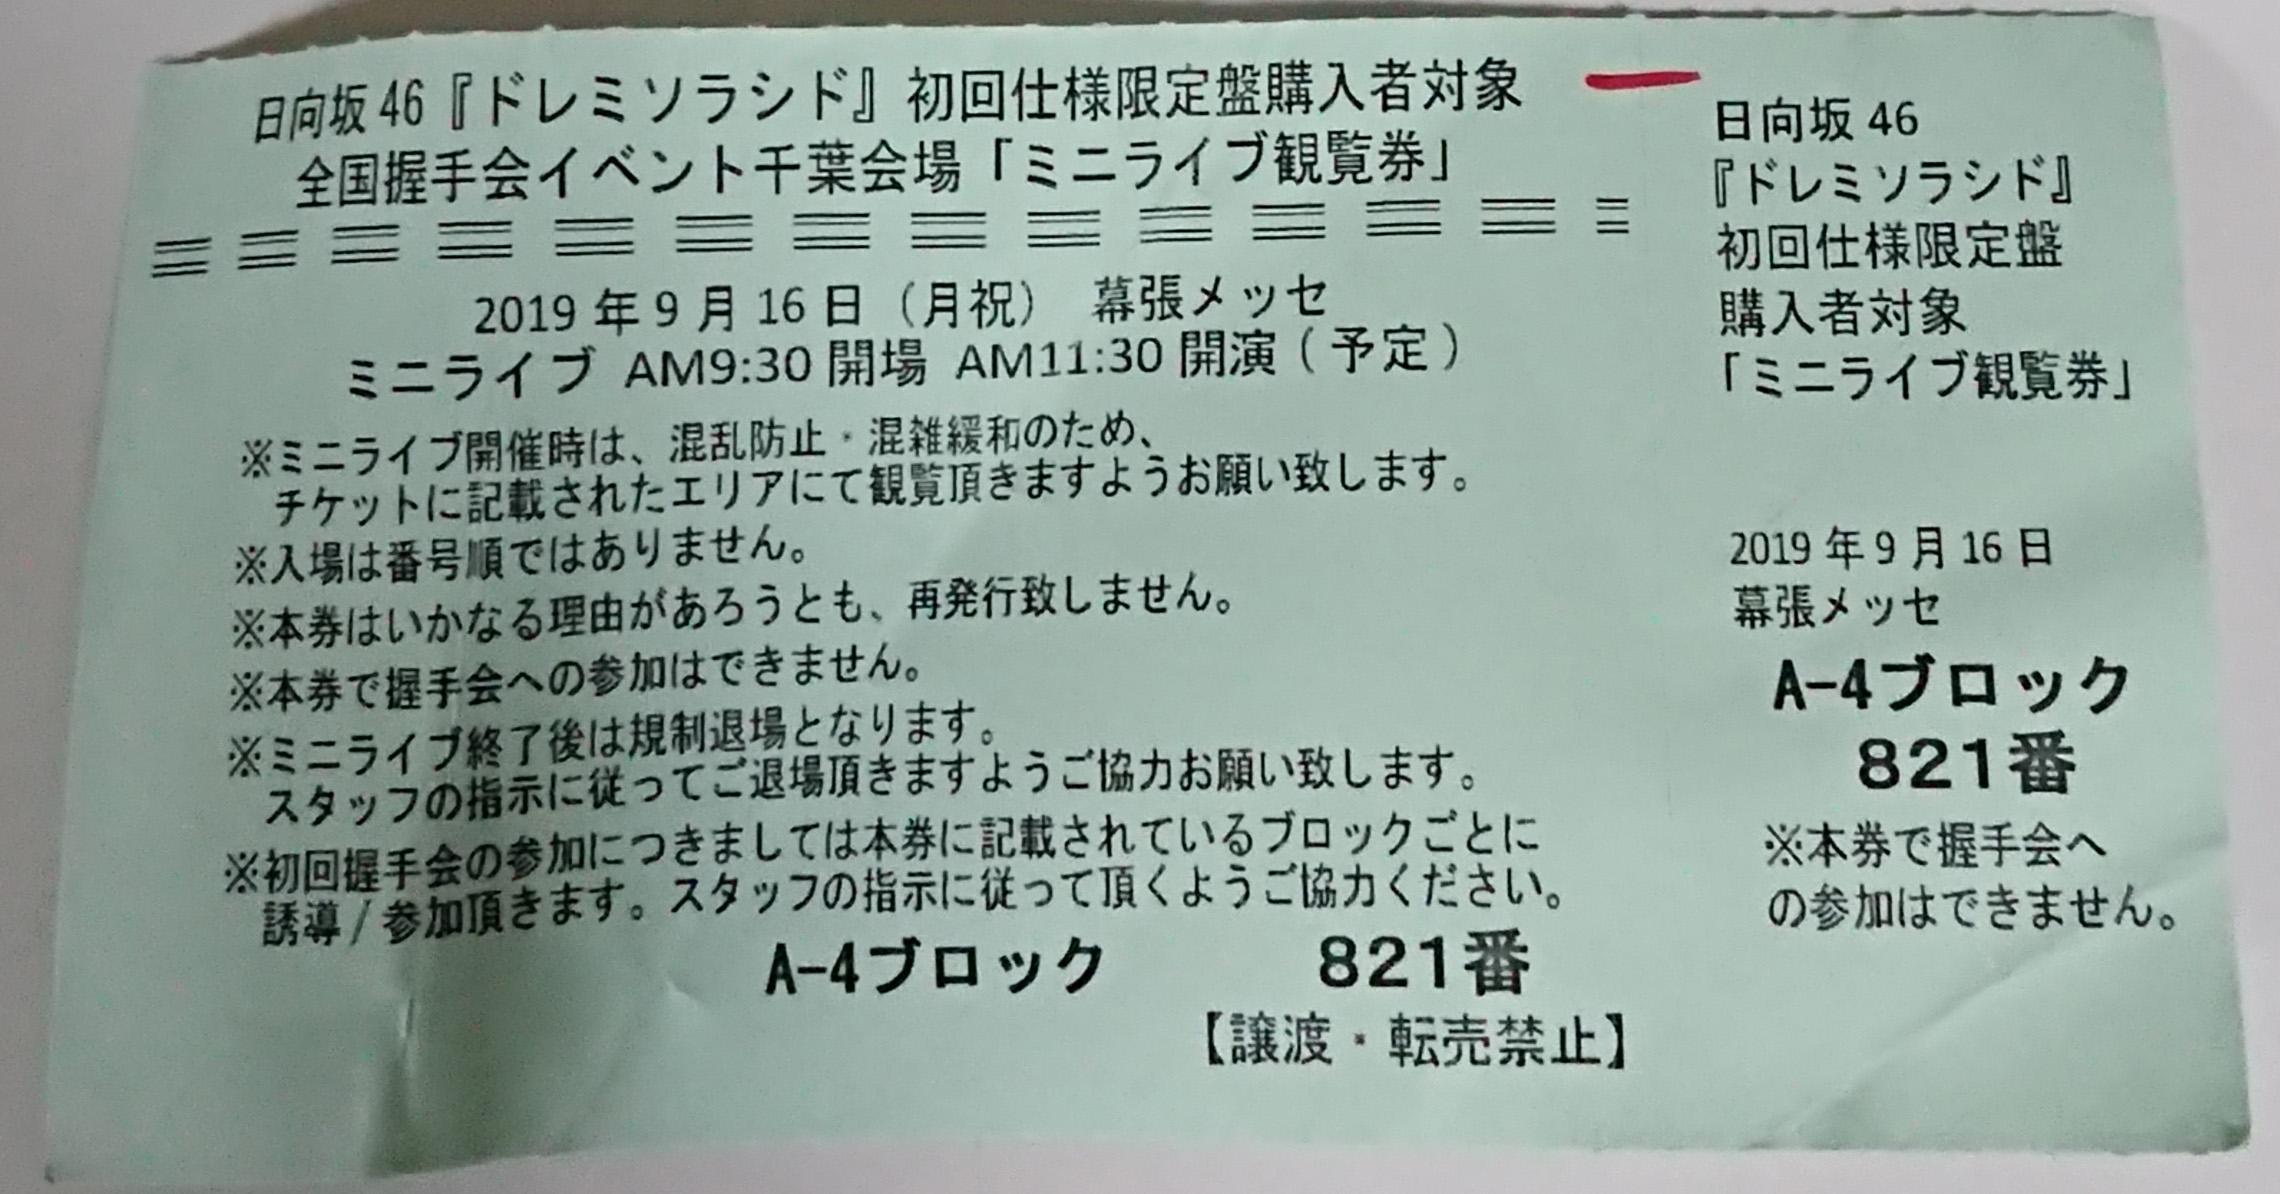 日向坂46全国握手会に初めて参加してきました